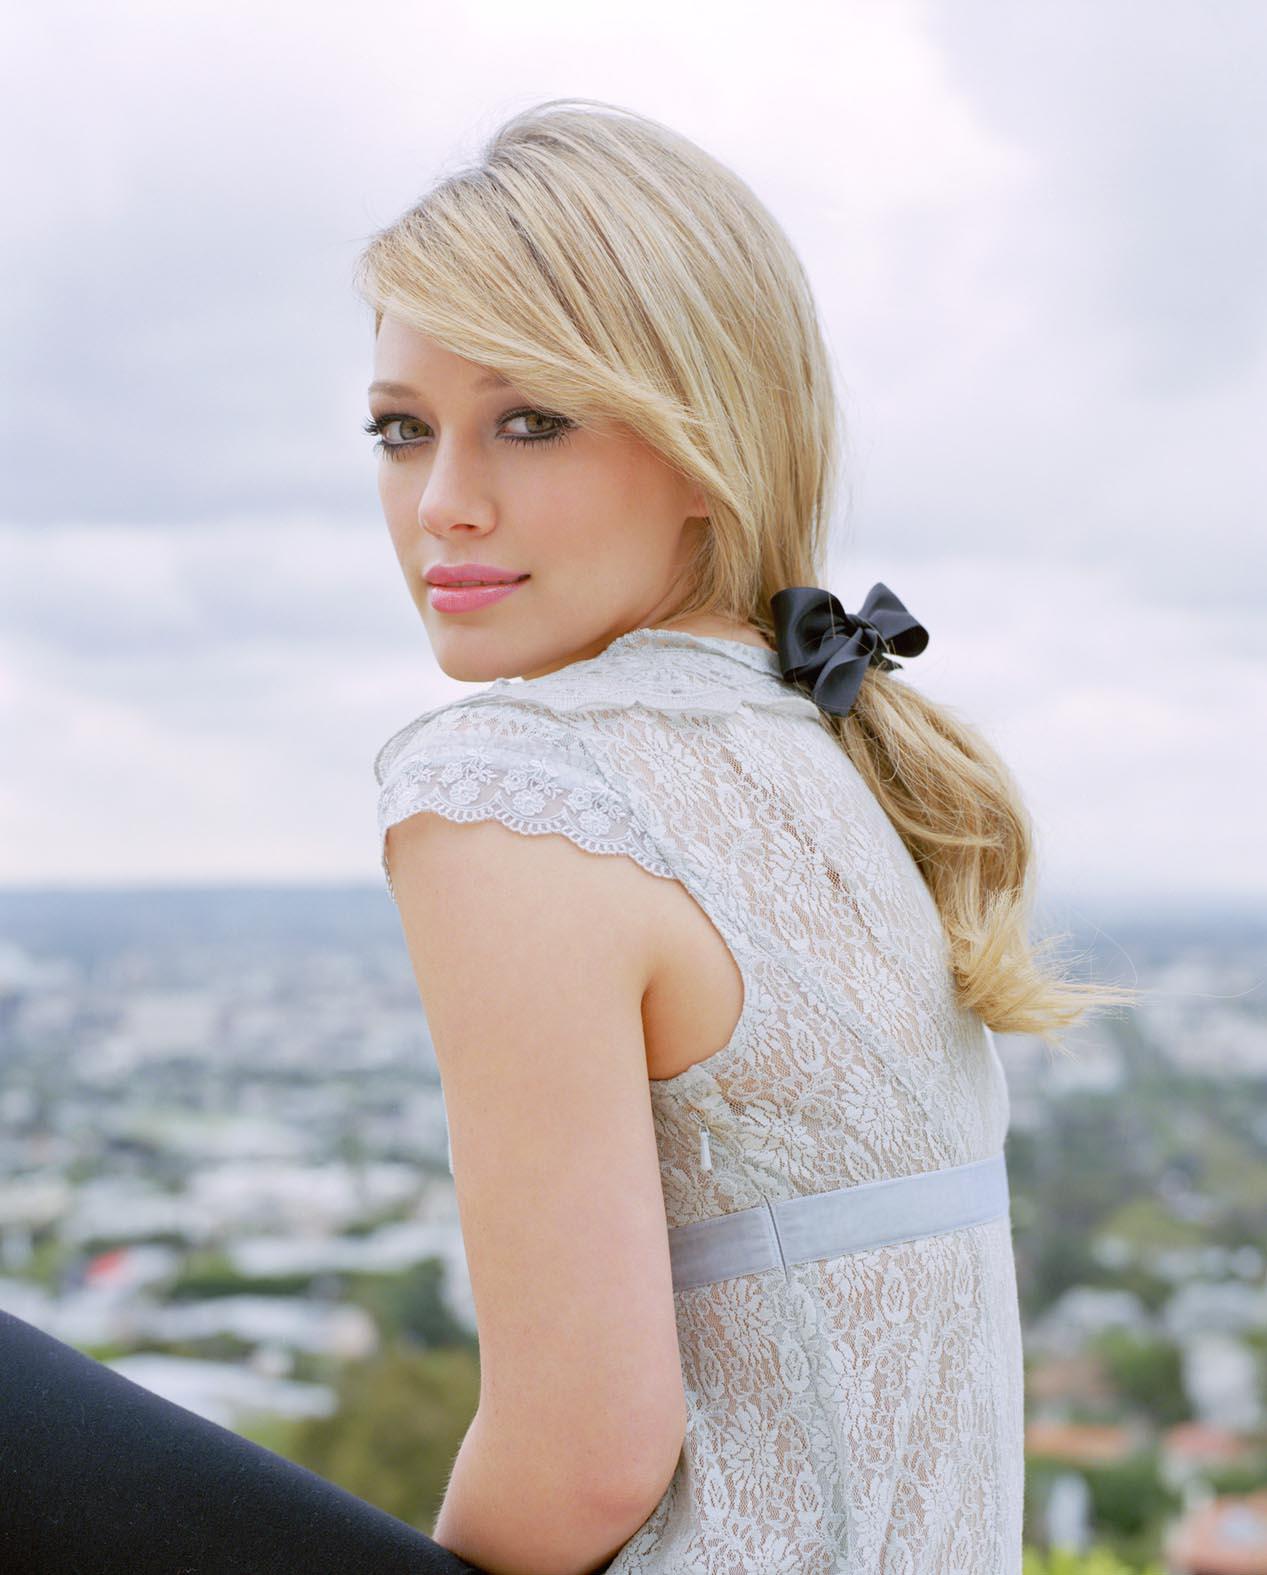 http://2.bp.blogspot.com/-SnH_qptamBI/TVfuq7vZ0mI/AAAAAAAAAbk/_2HeWt8j4Rk/s1600/Hilary+Duff.jpg